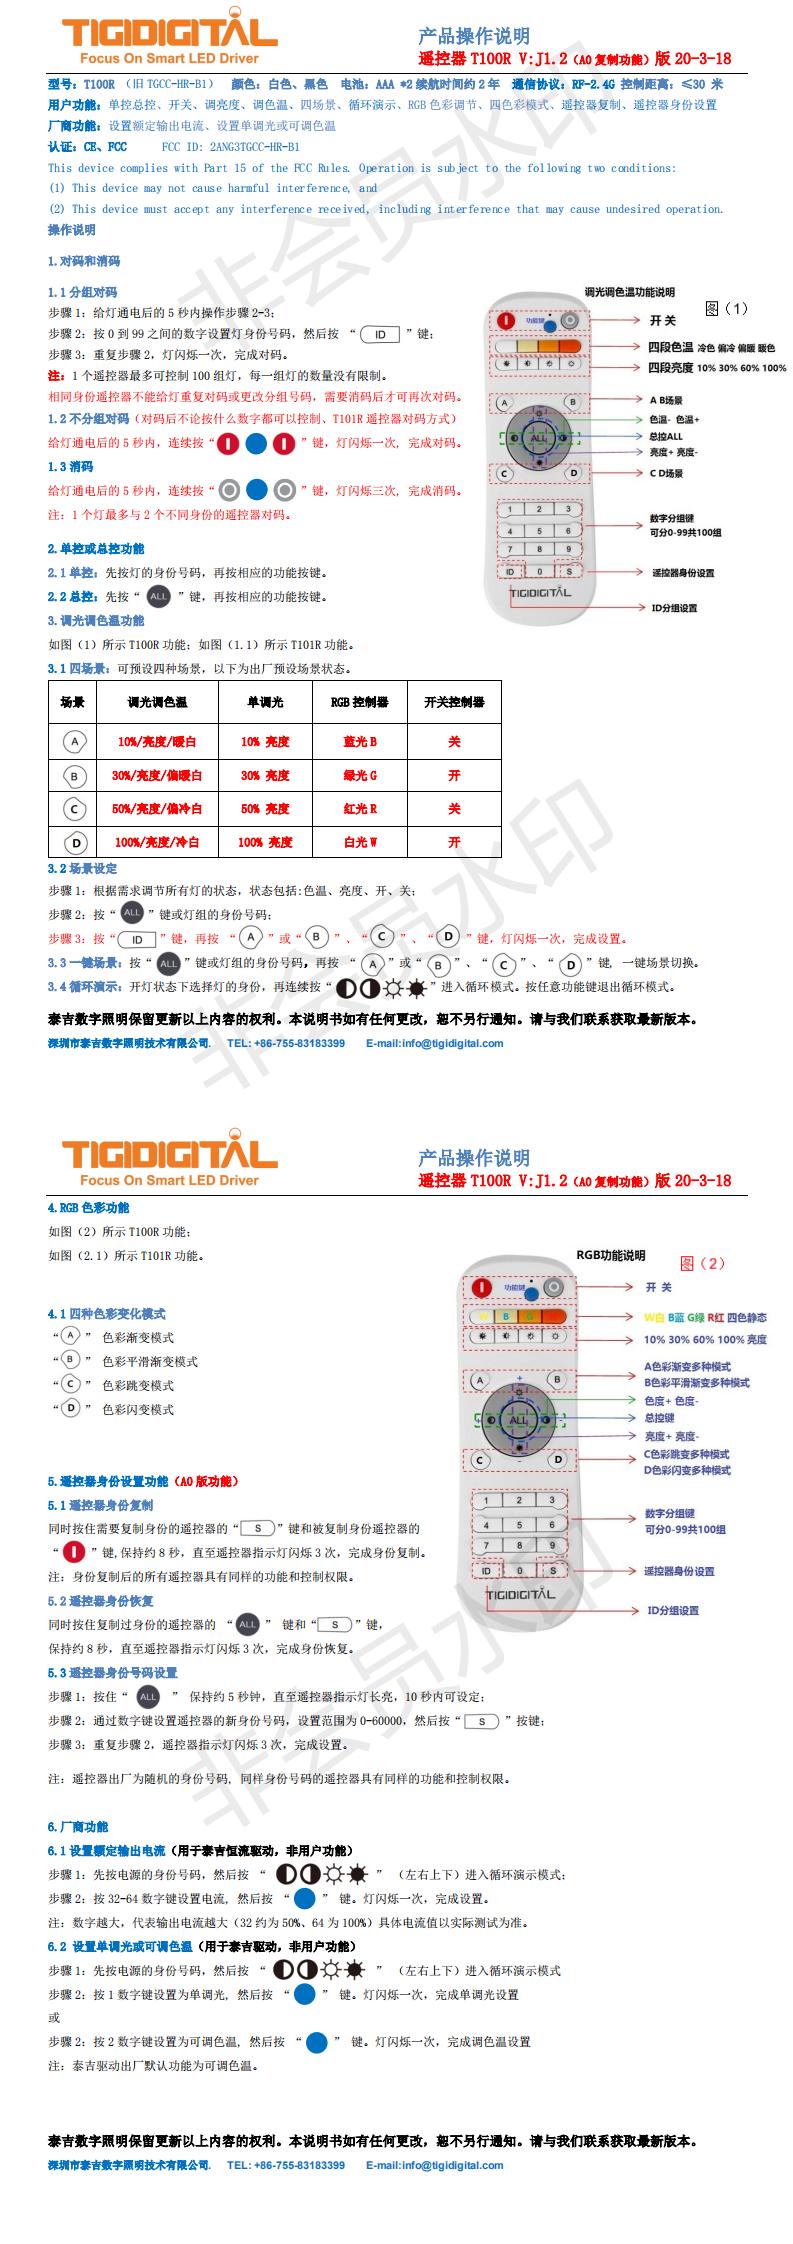 遥控器T100R说明CCT-RGBVJ1.2-A0复制功能_0